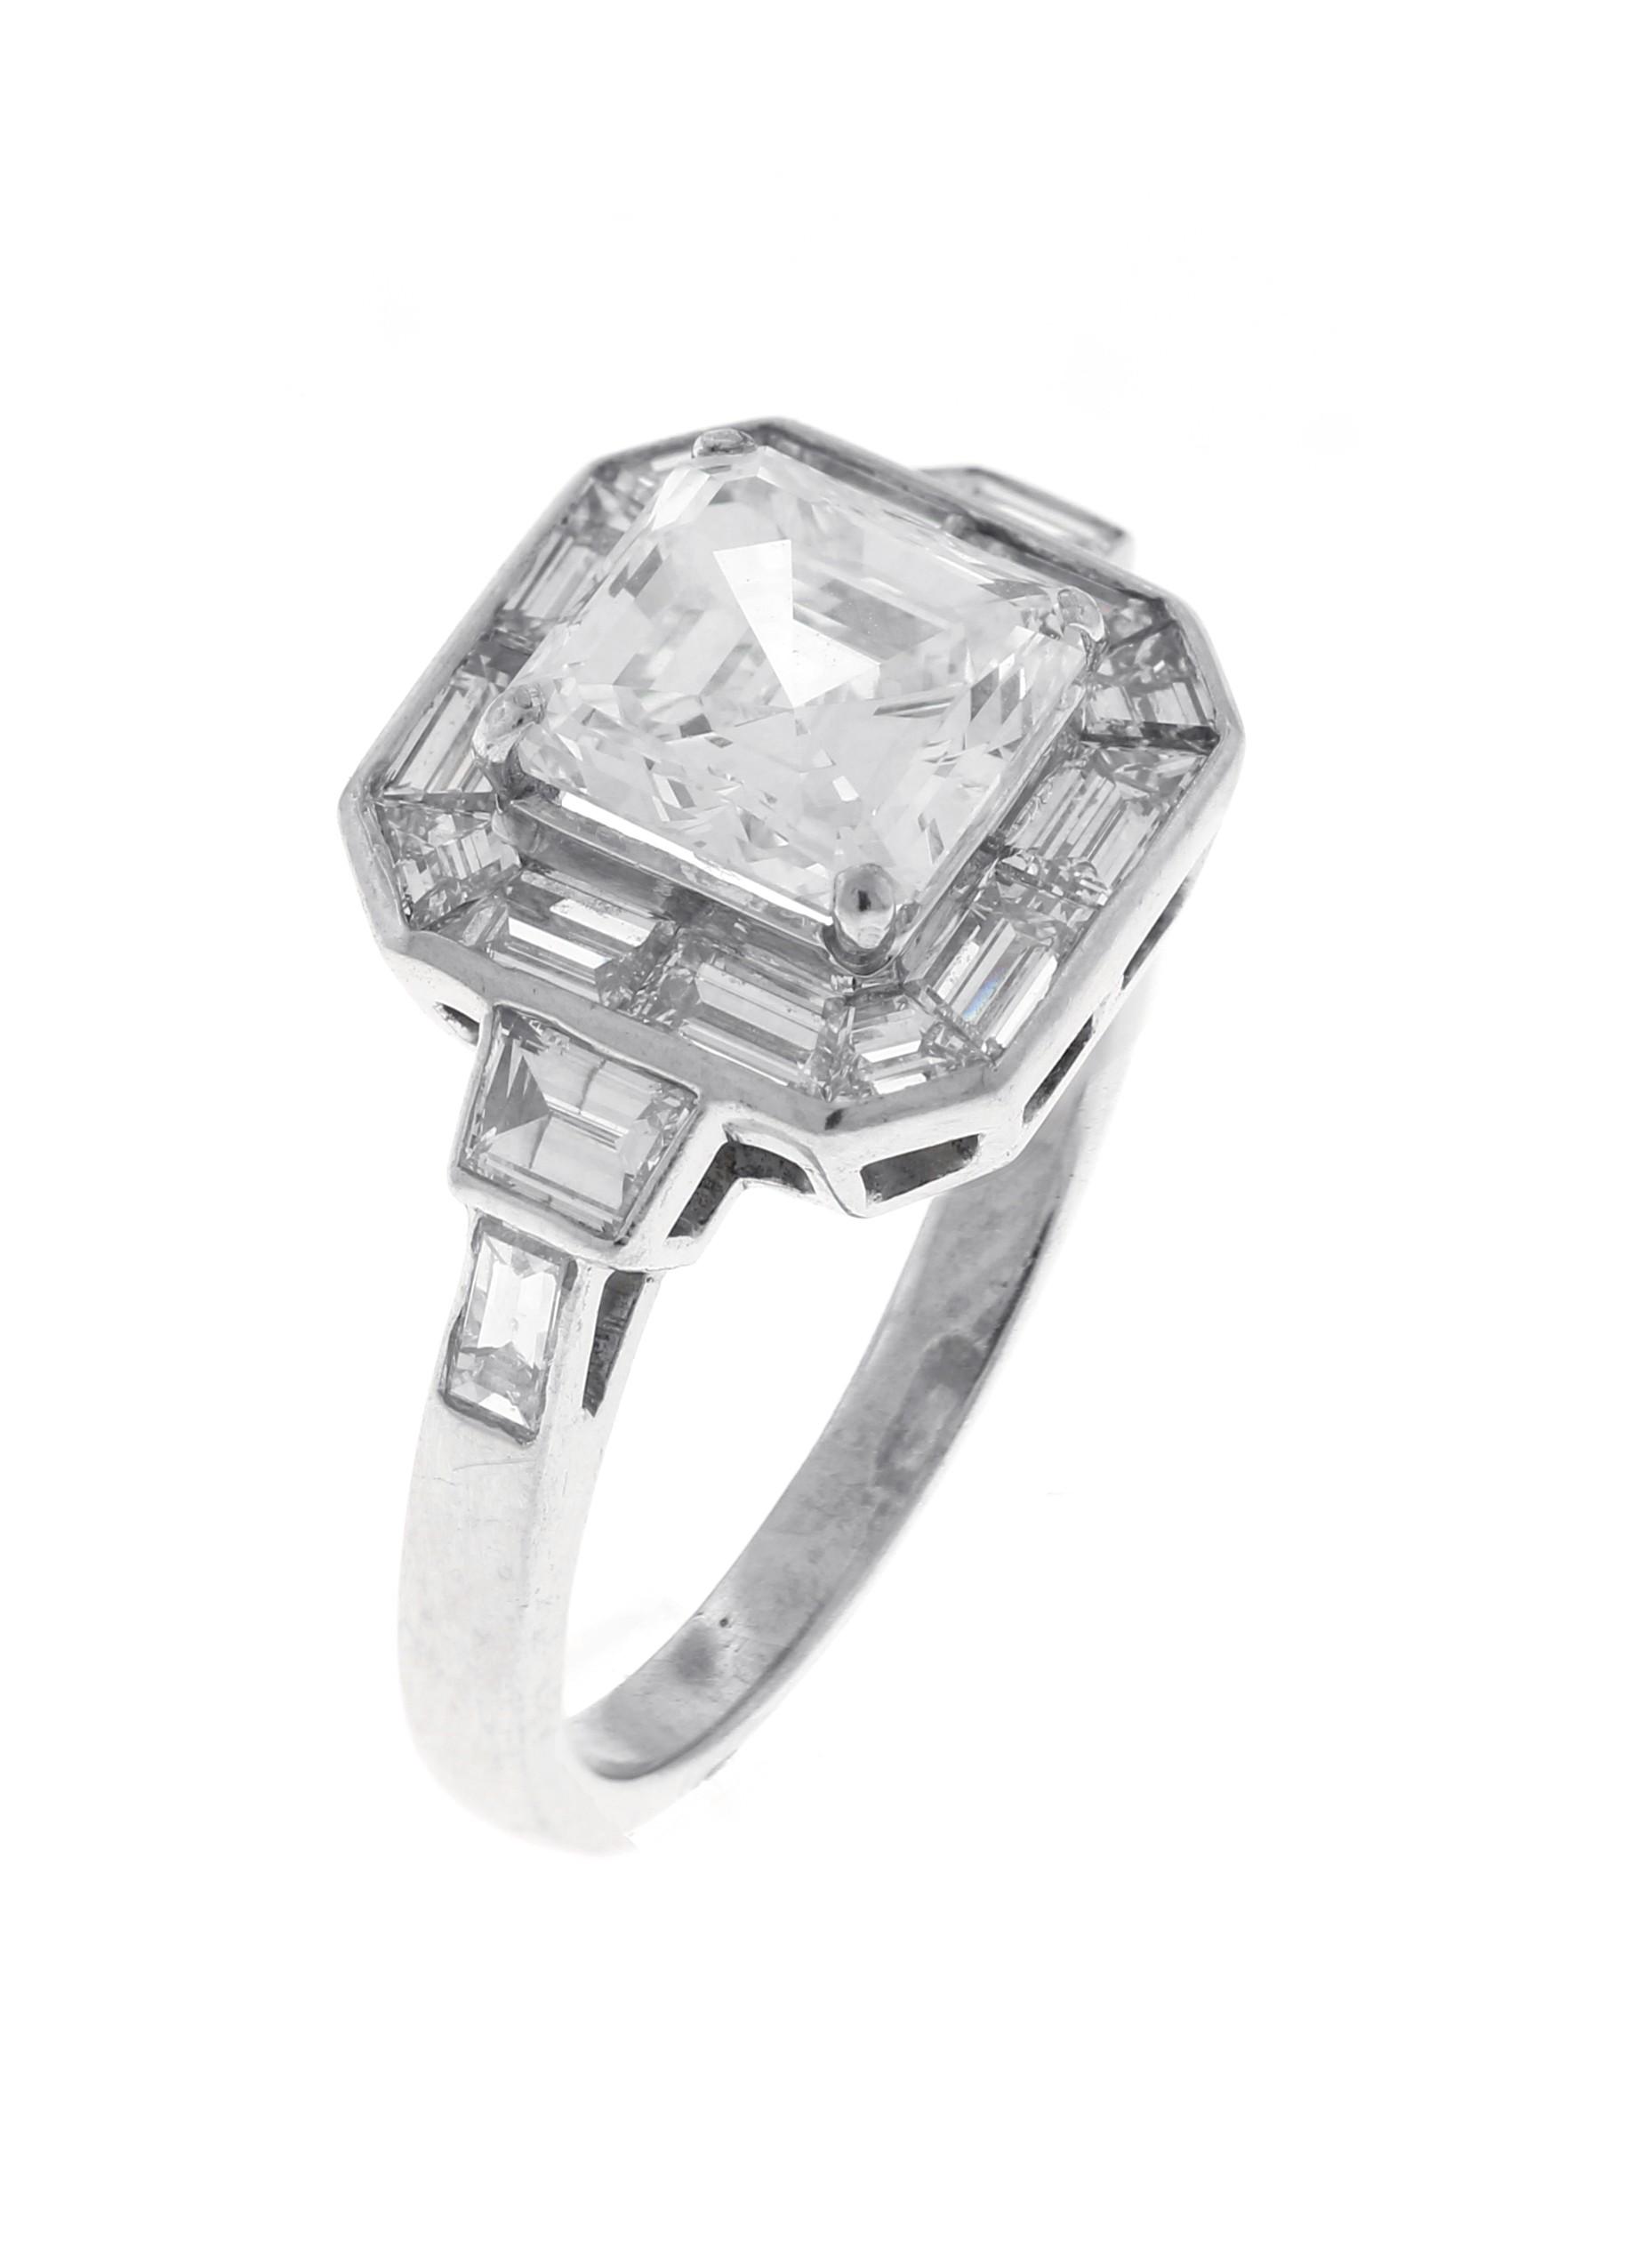 Platinum GIA Certified Diamond Ring